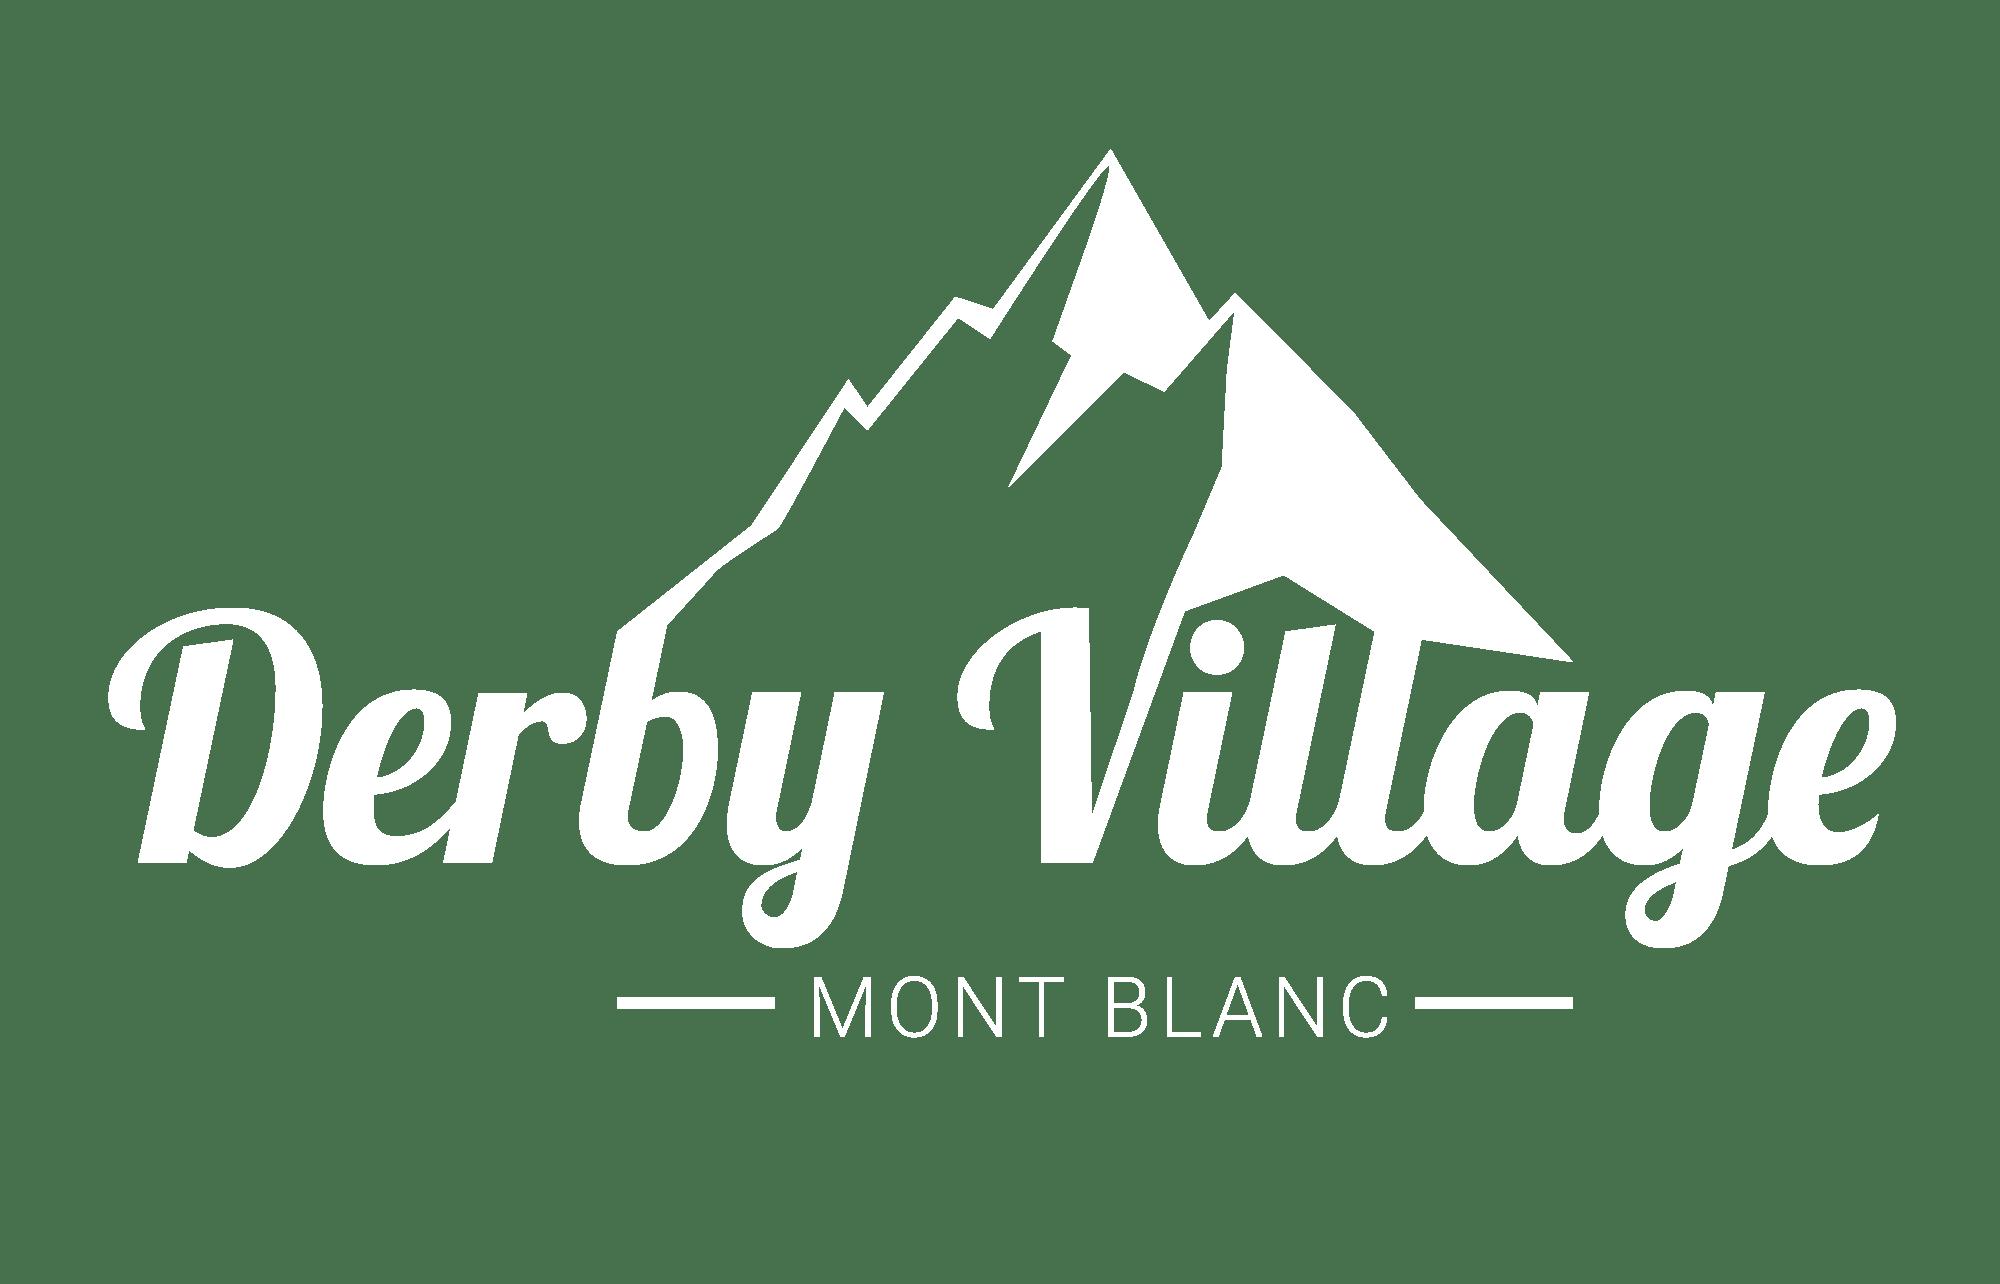 Derby Village Mont Blanc